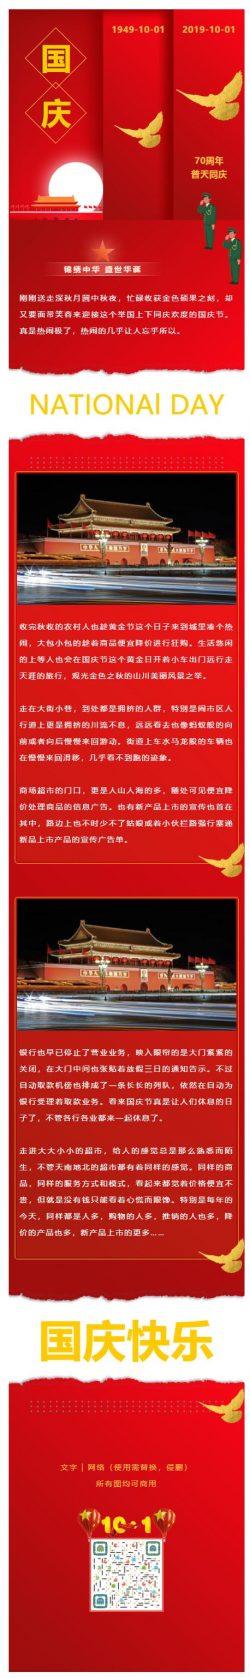 国庆70周年推文模板微信公众号推送文章素材国庆节红色风格党政